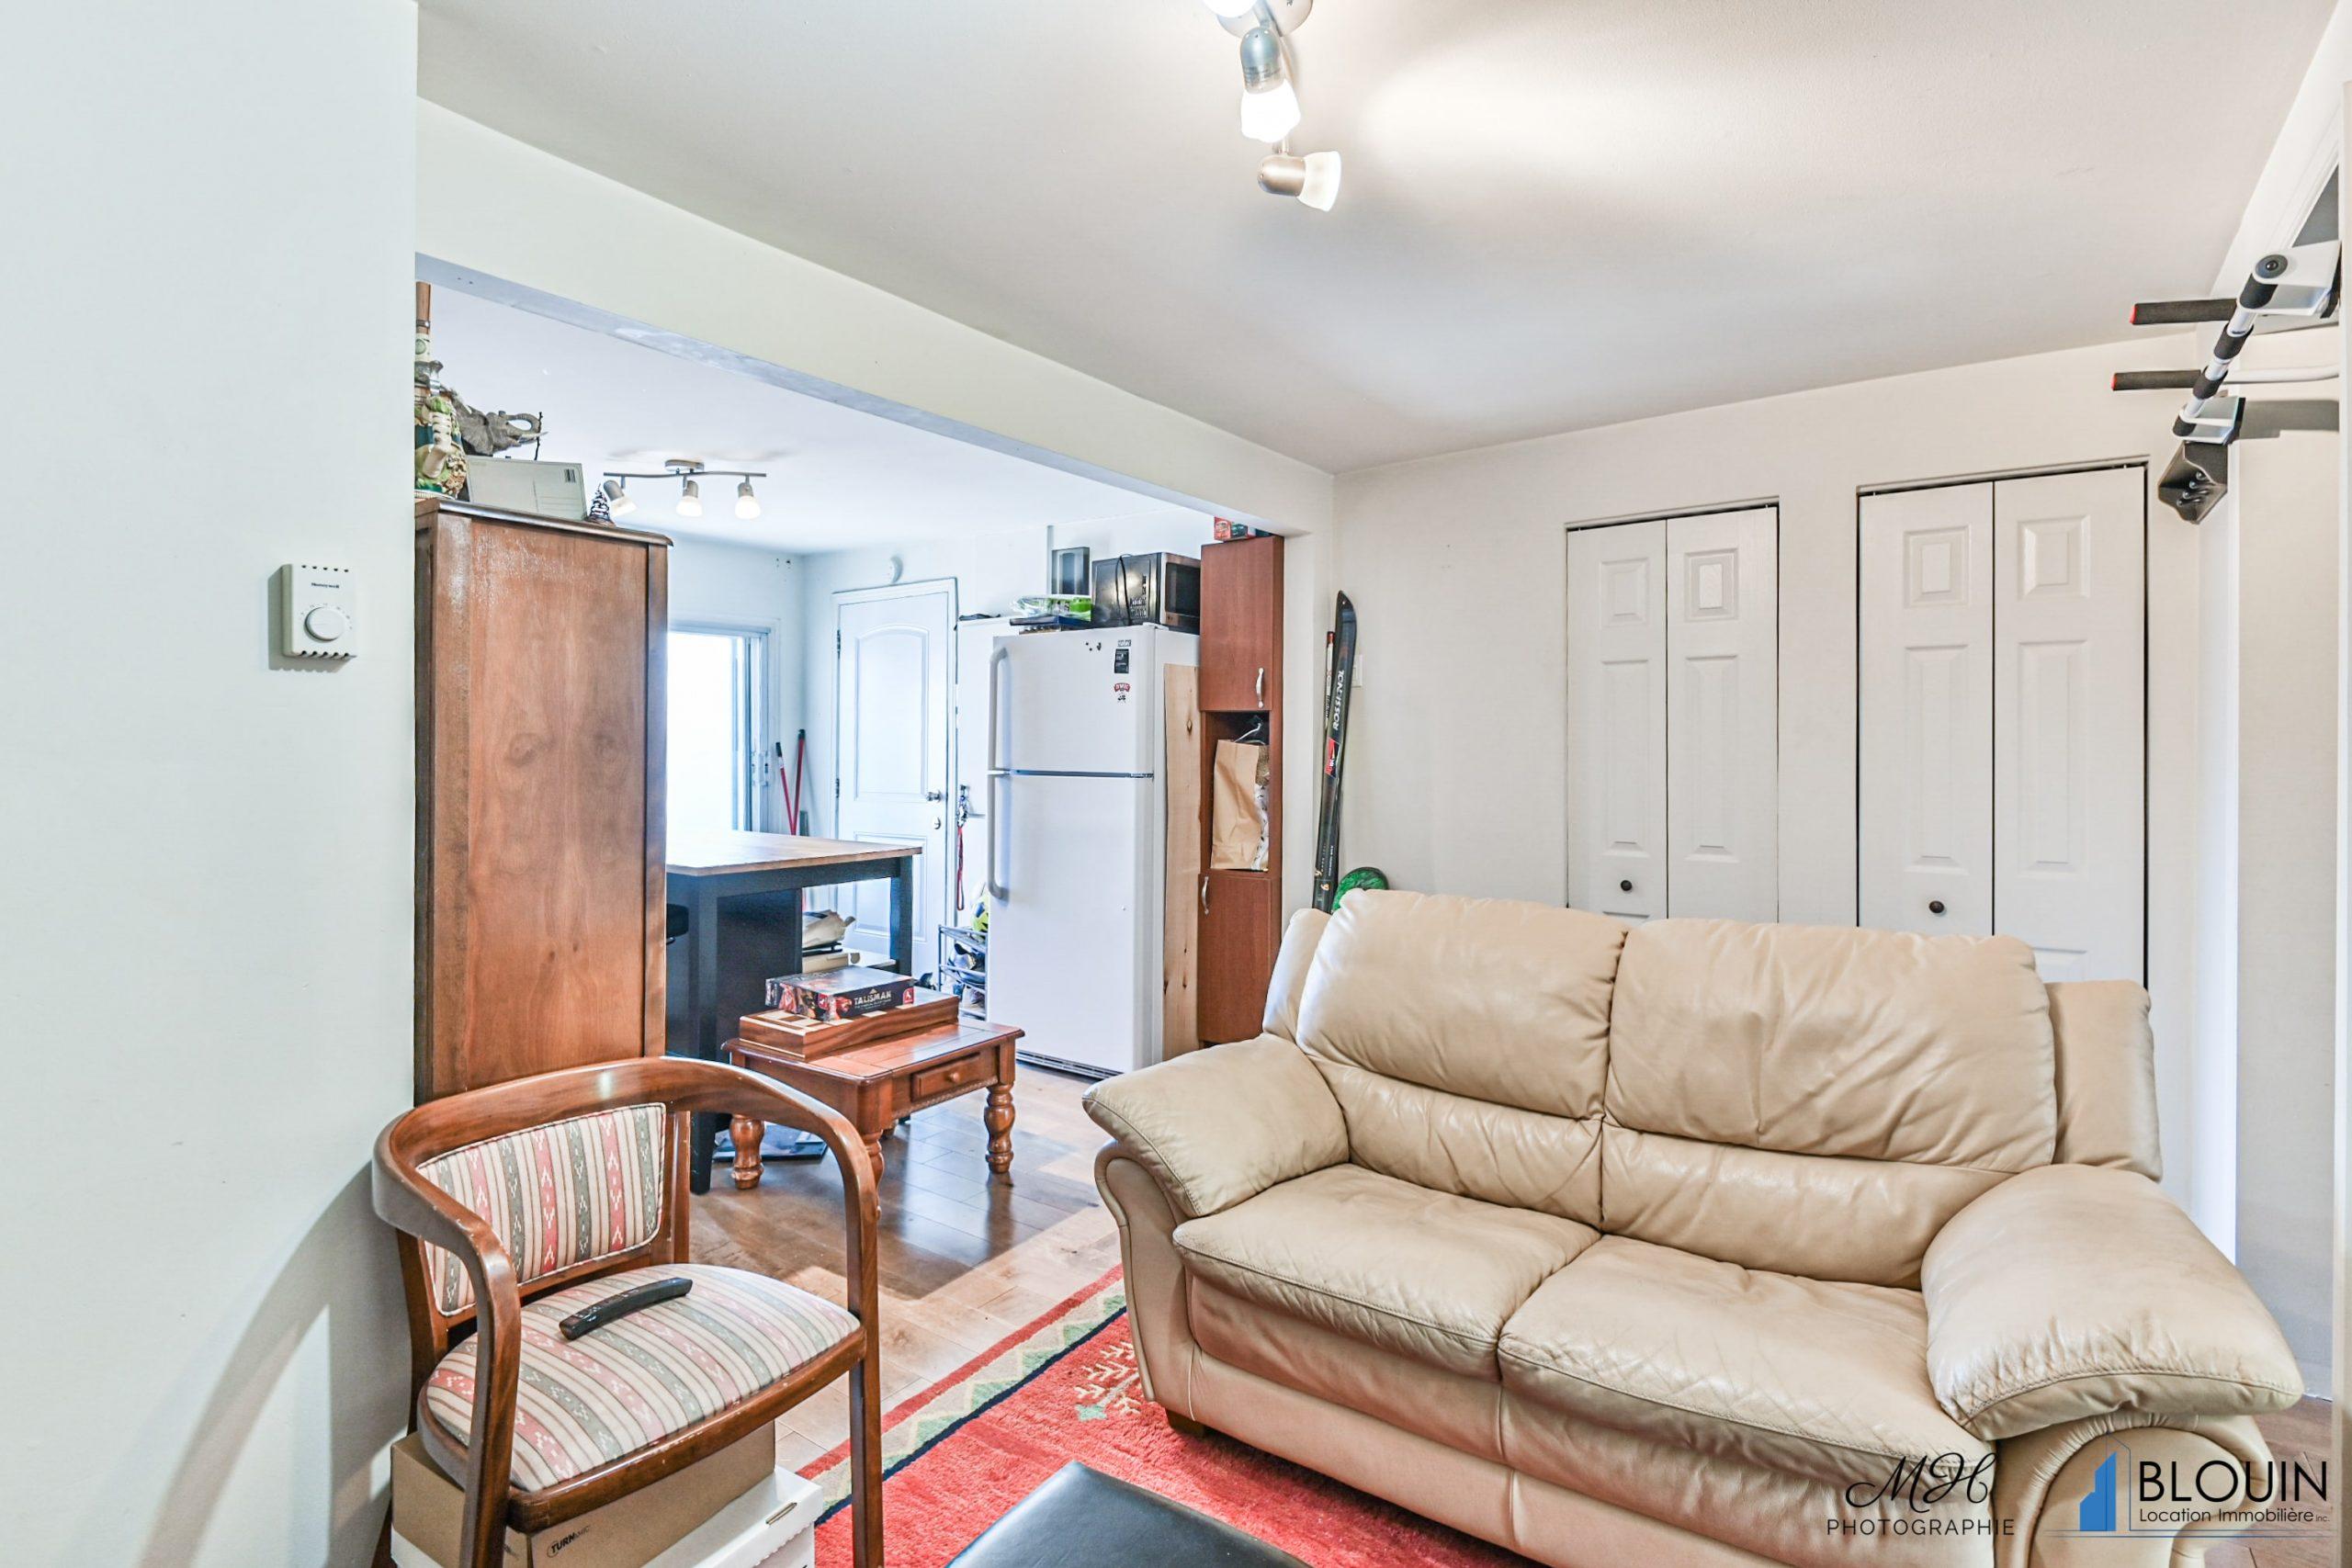 Photo 6 : 3½ + bureau, dans le sud-Ouest, Semi-meublé disponible pour Juillet